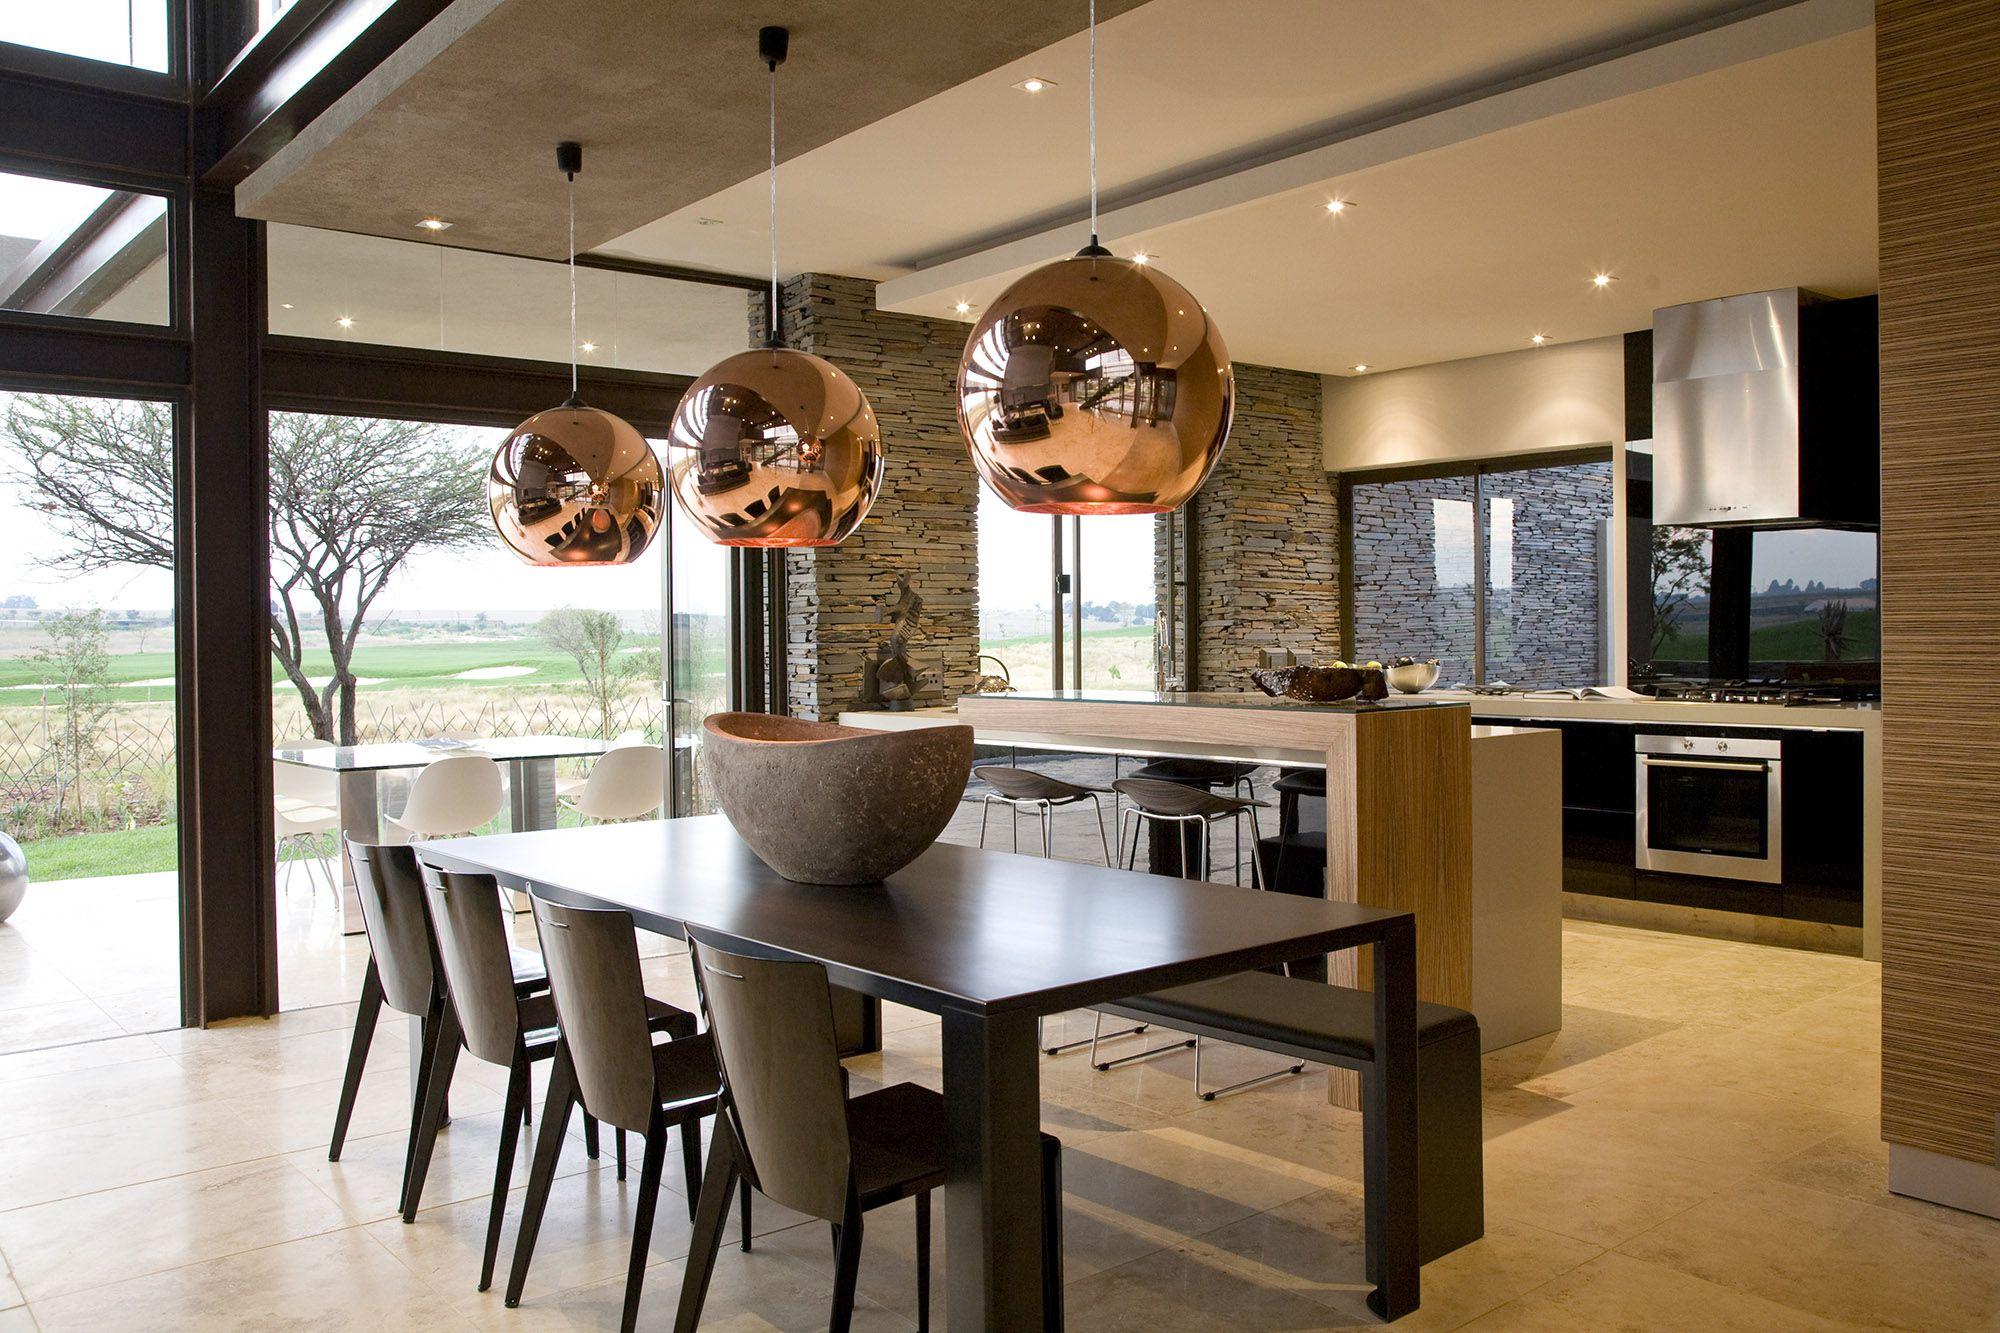 Serengeti Designed by Rudolph van der Meulen 142